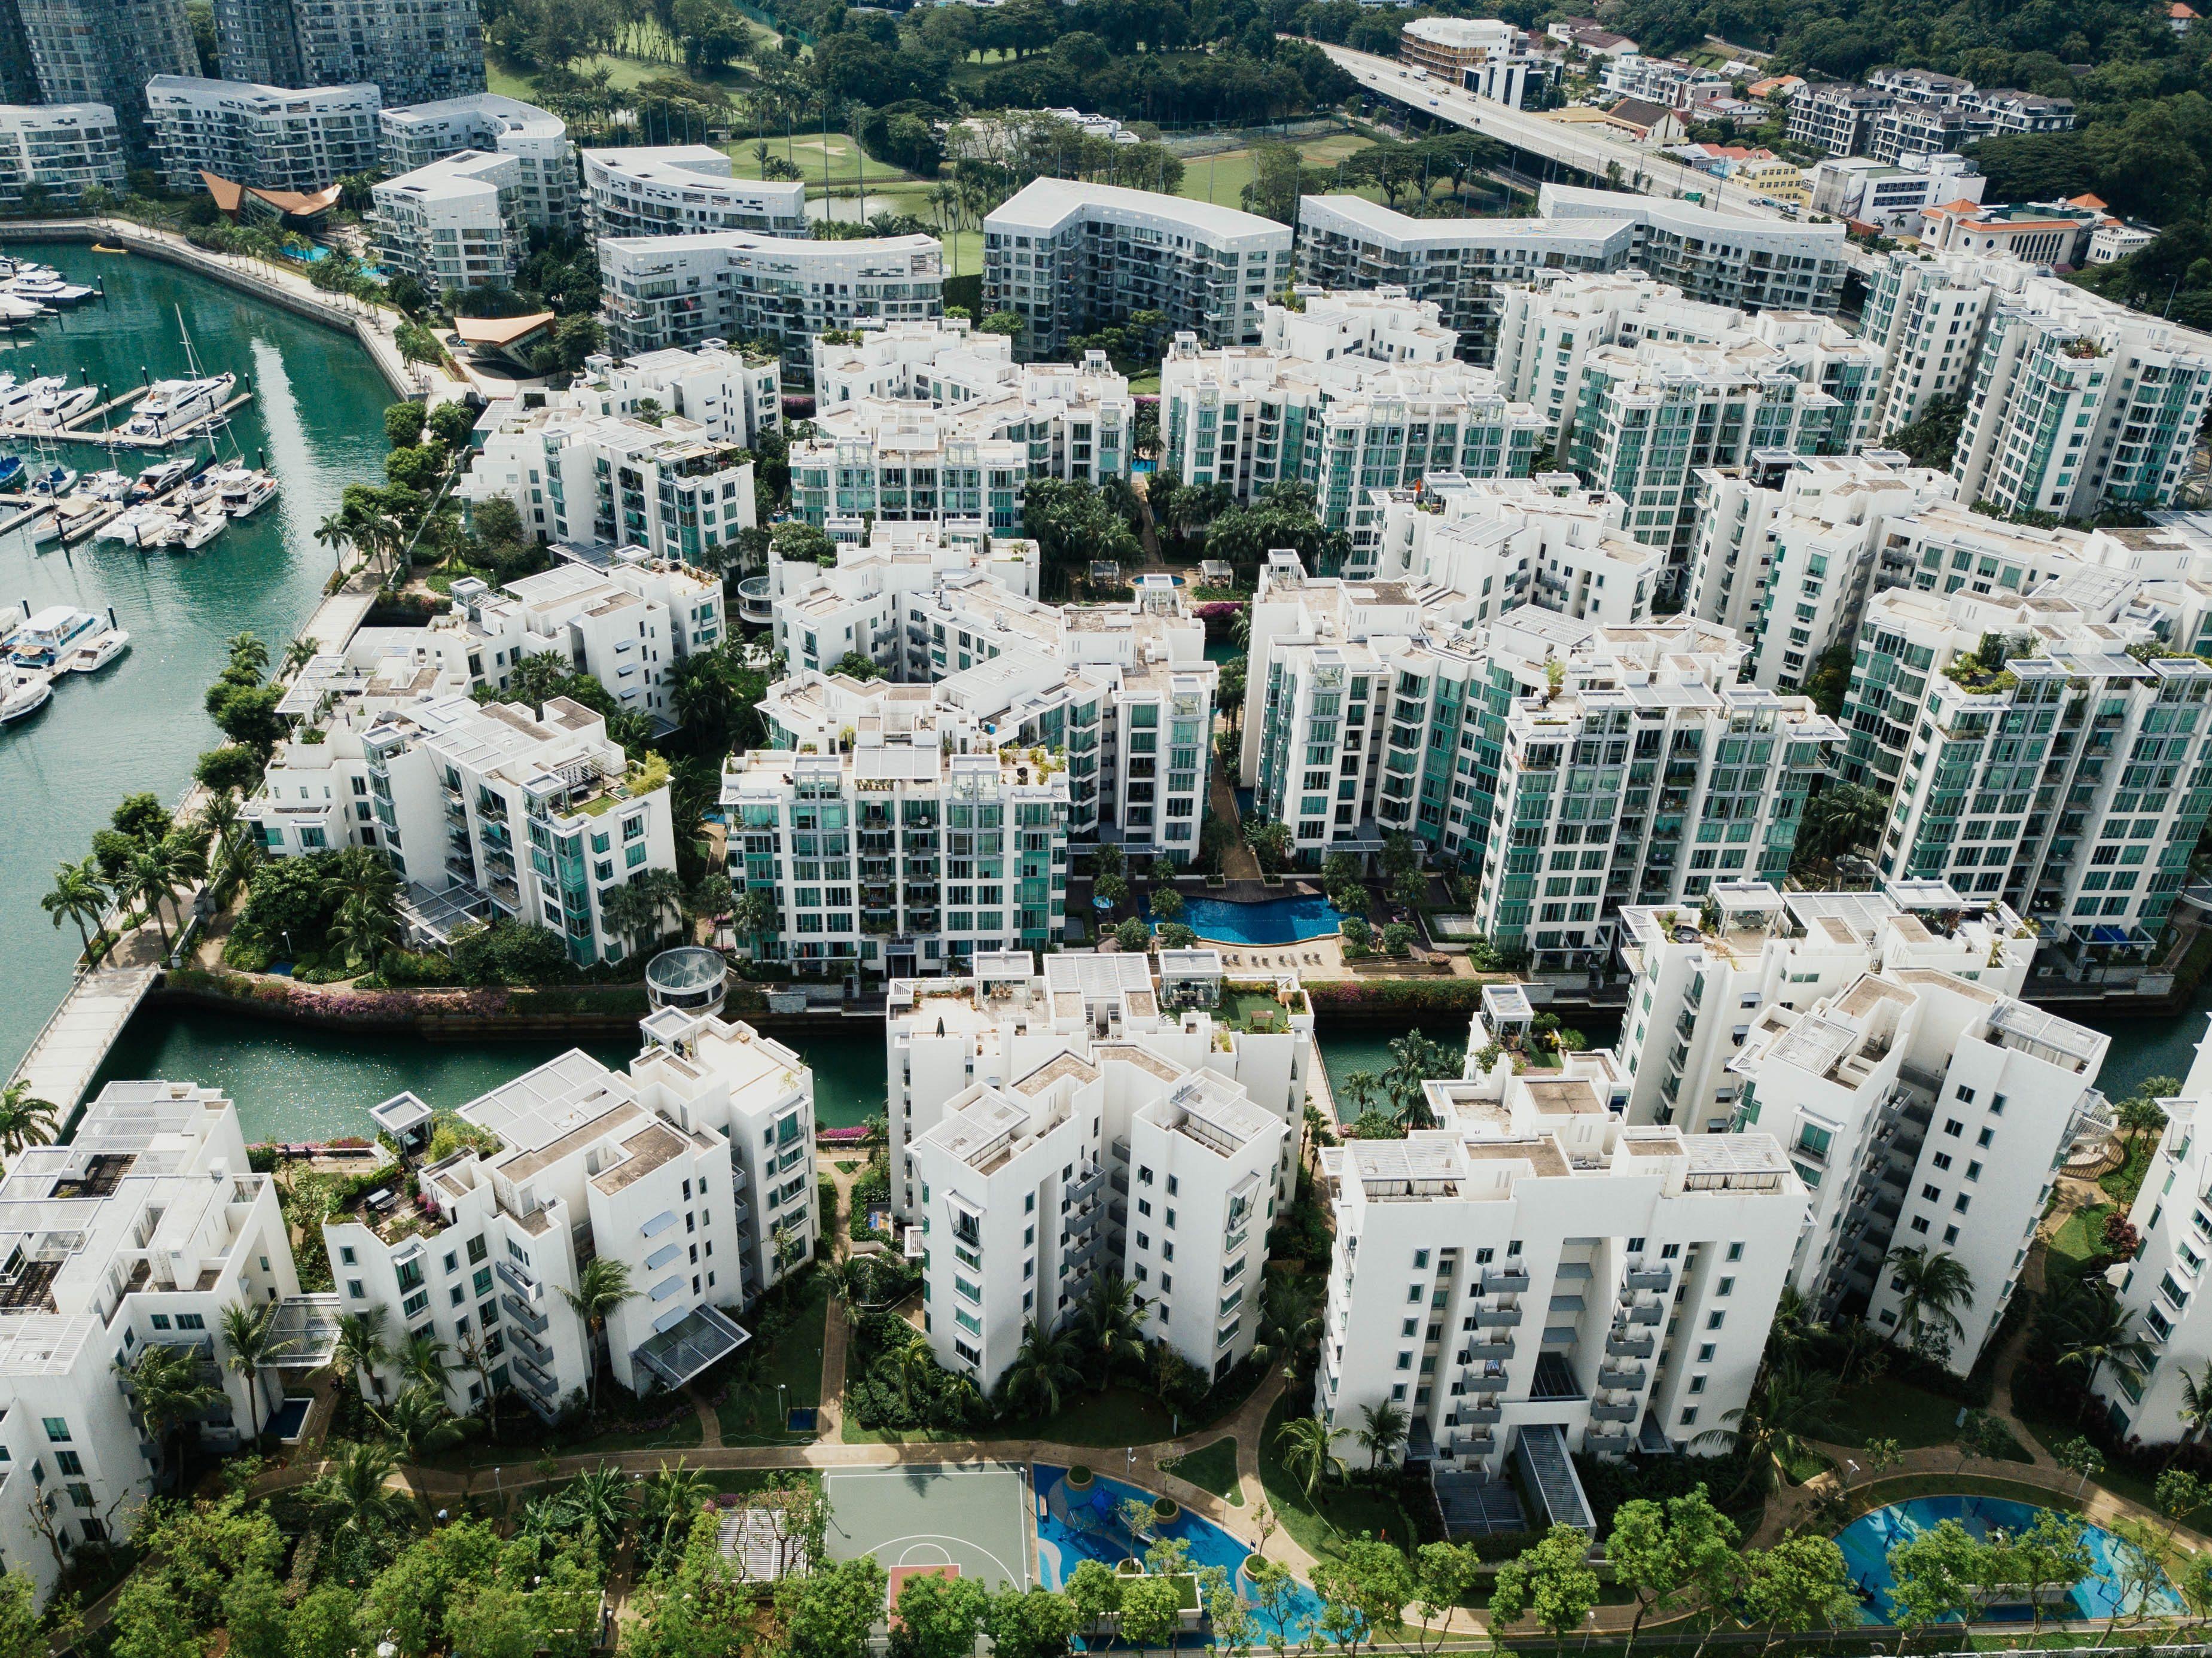 condo property management companies toronto